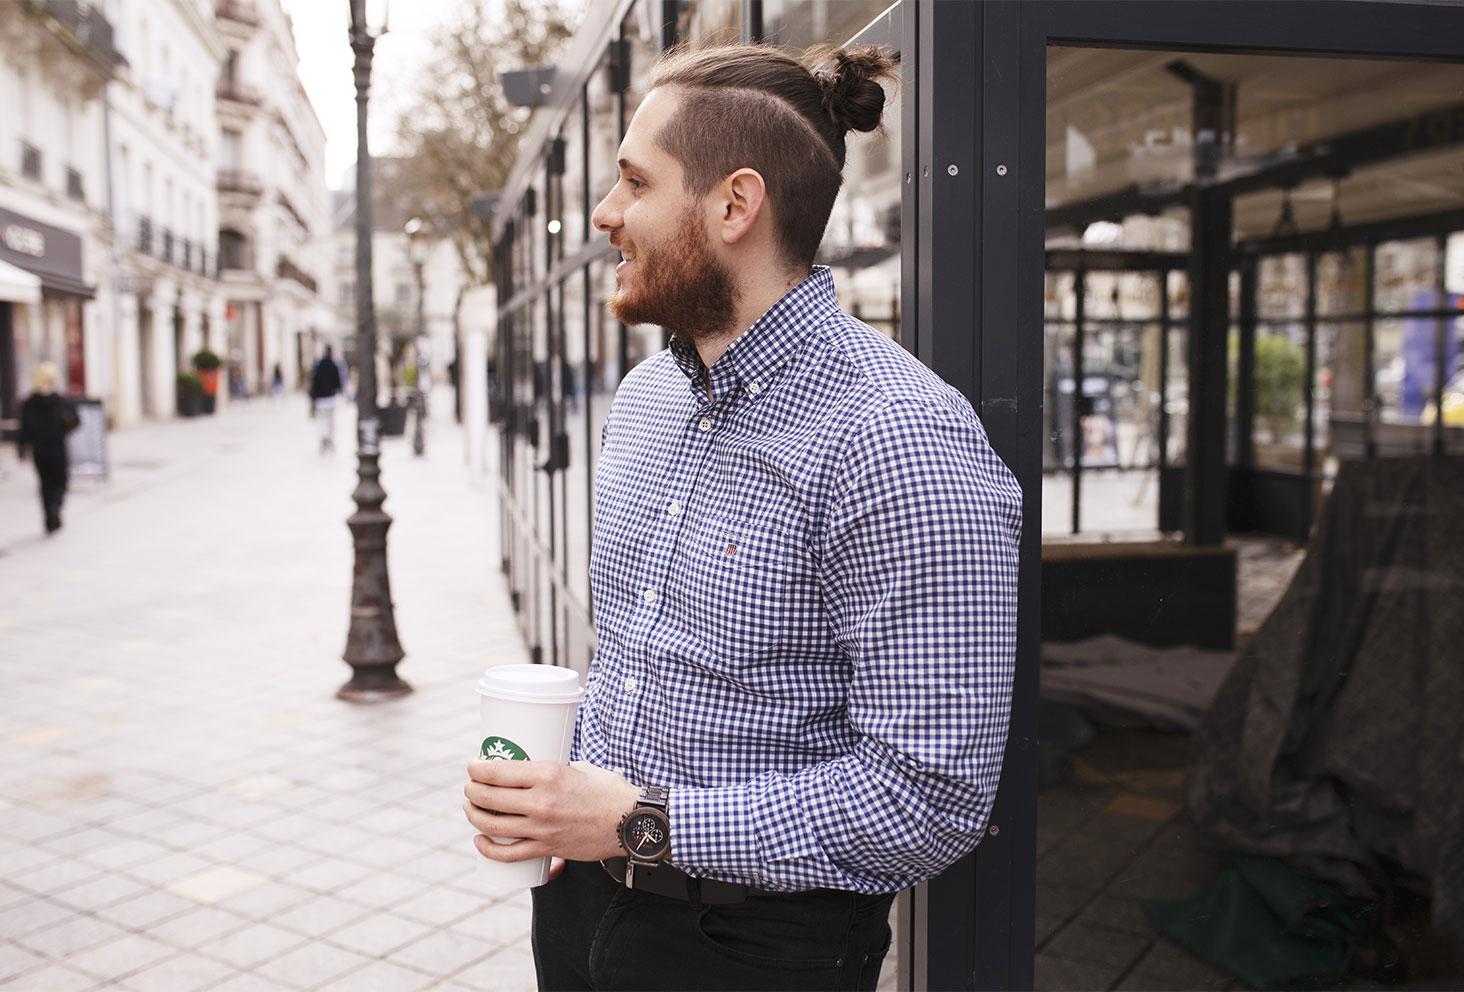 En chemise à carreaux avec un Starbucks dans les mains, en centre ville appuyé contre un bâtiment en verre